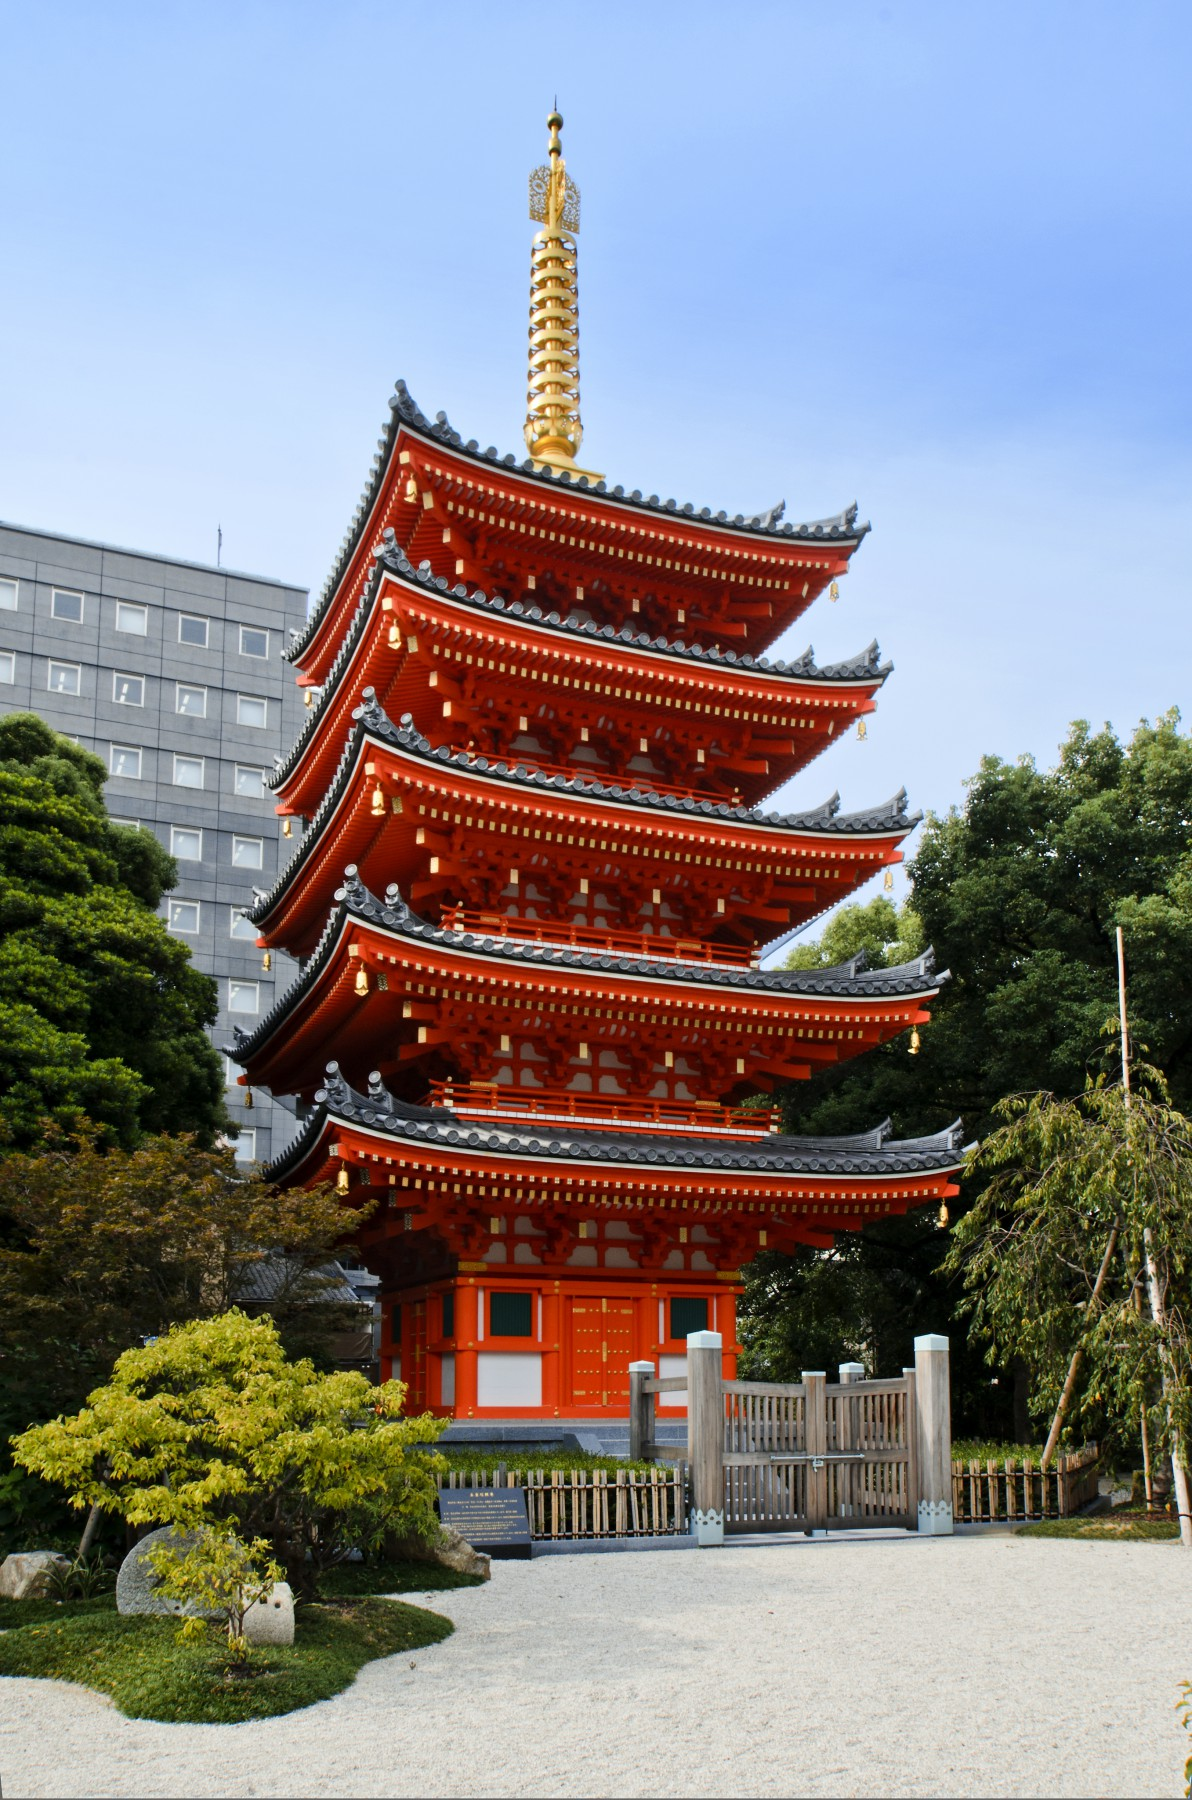 東長寺 五重塔(2012)の画像